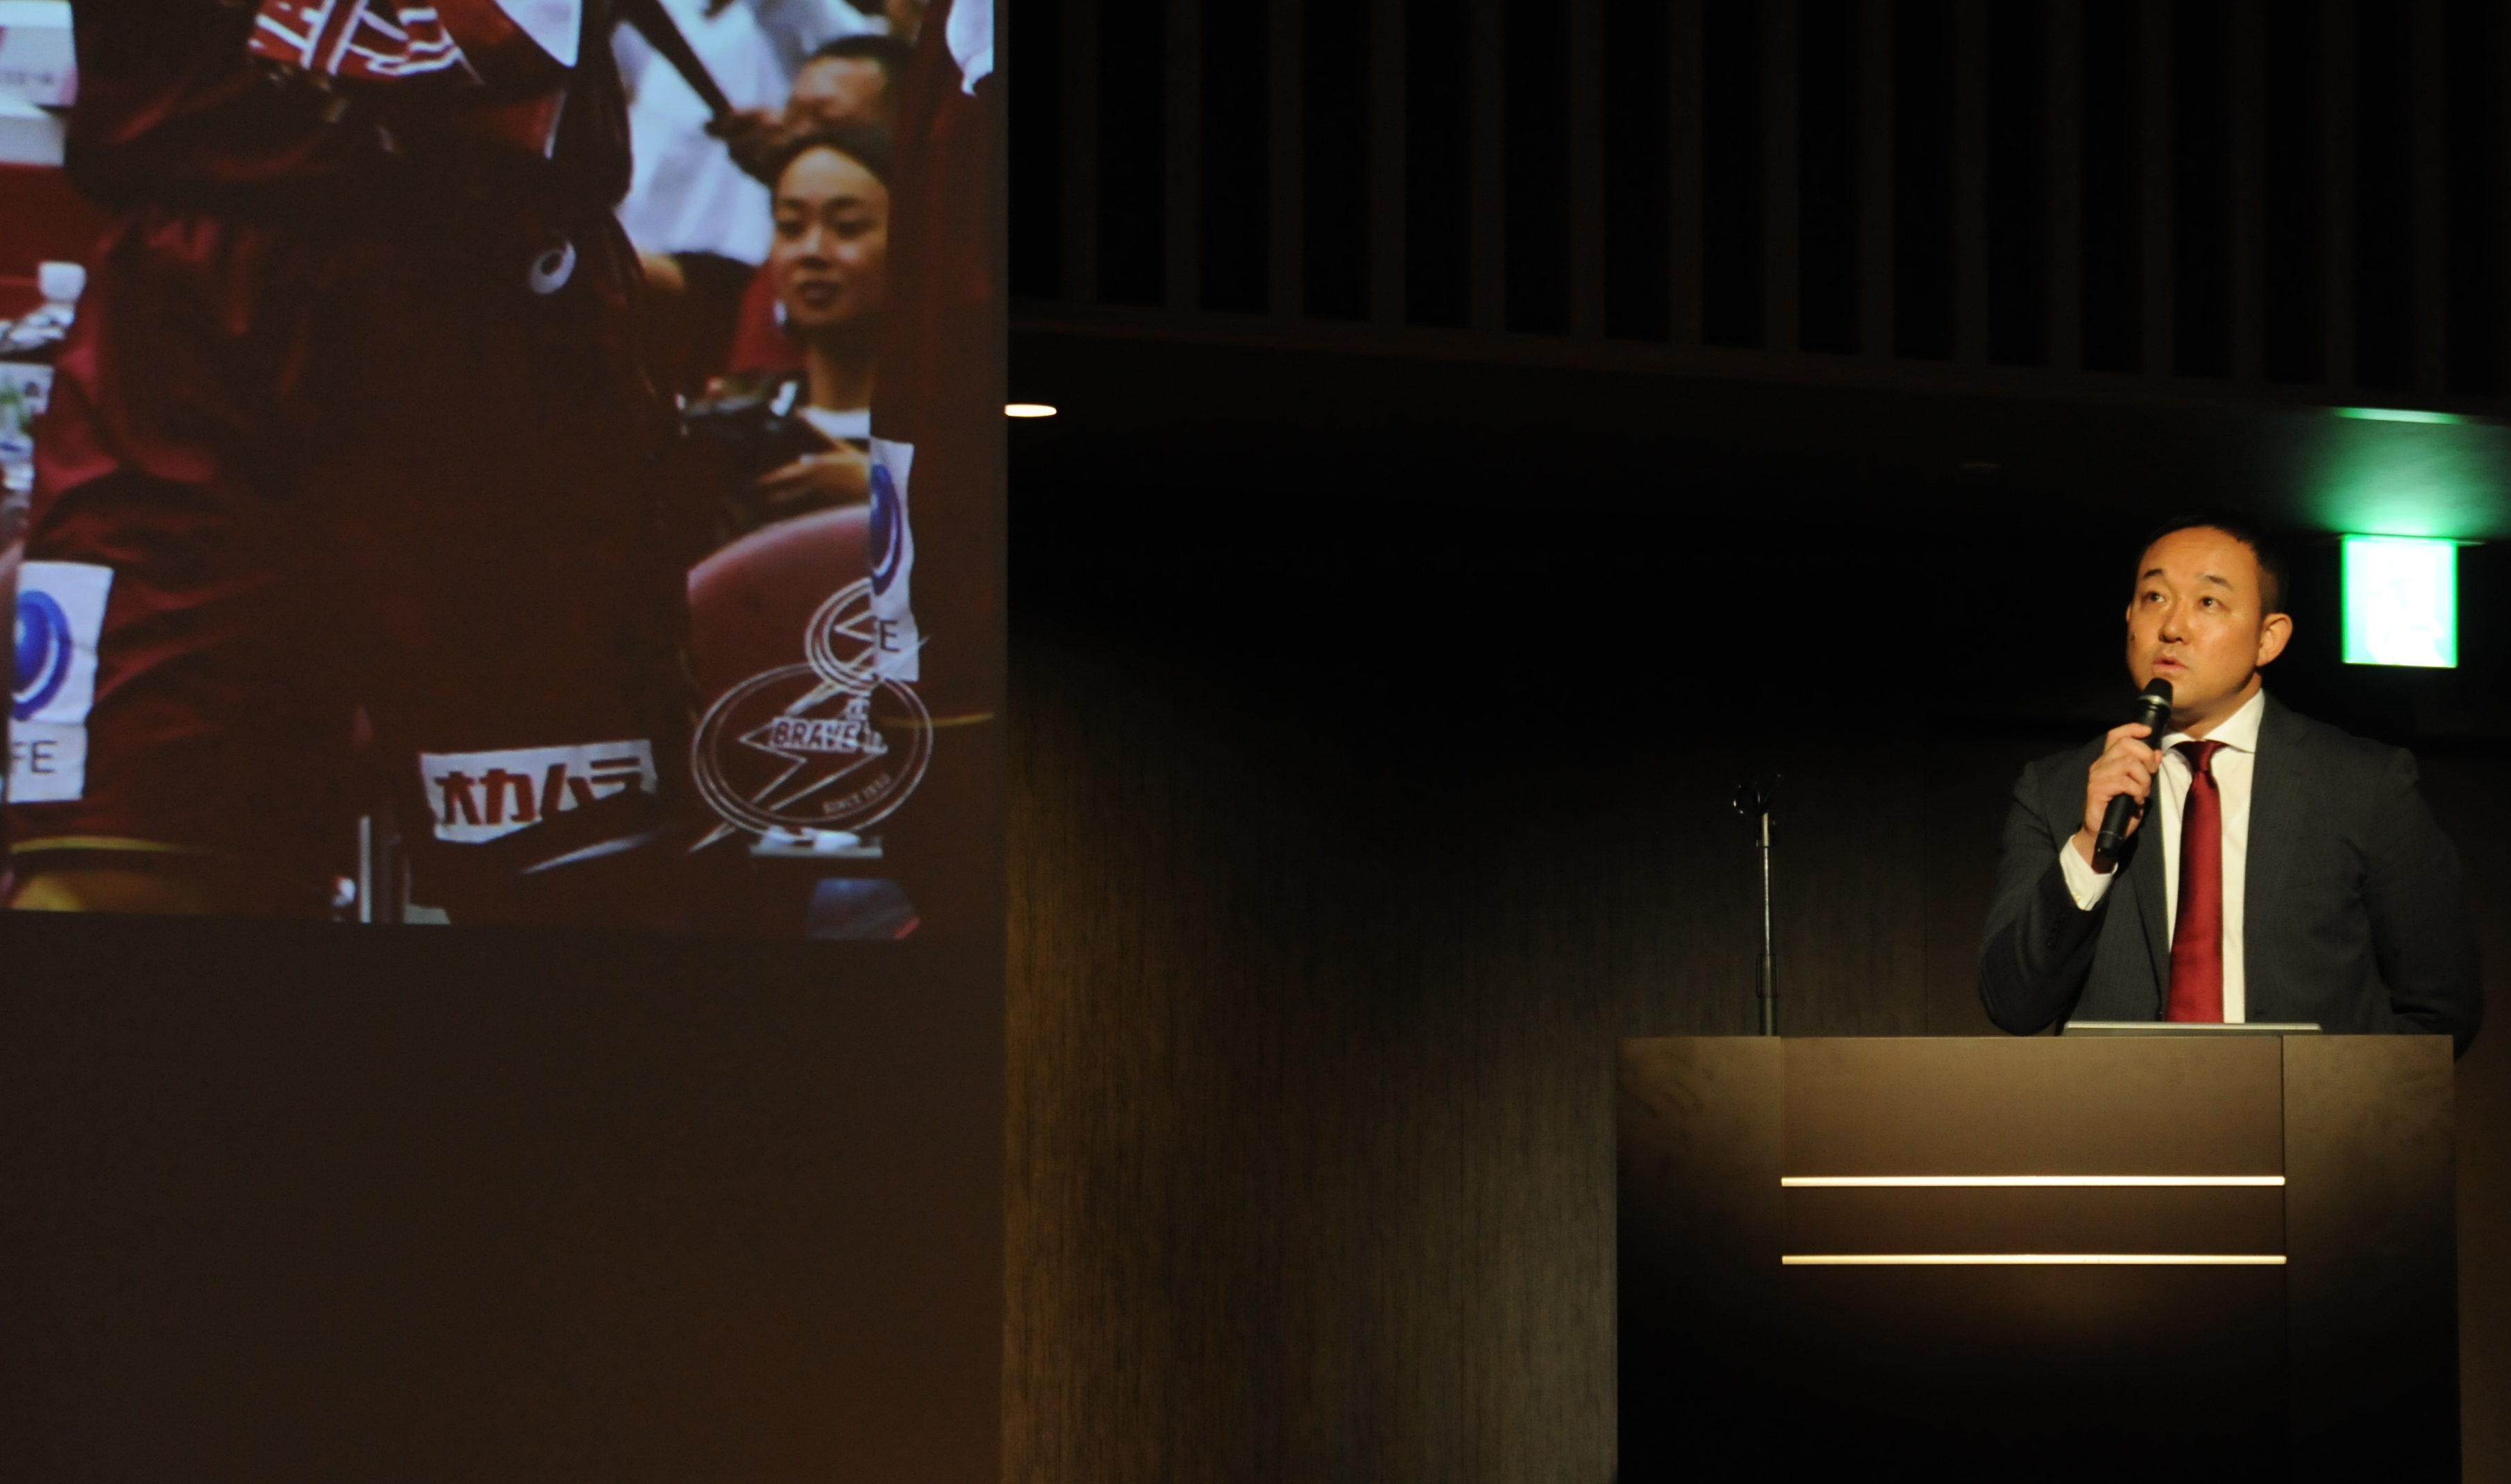 川崎ブレイブサンダース 12月末に特別試合「川崎を元気に」ユニフォーム付き観戦チケット